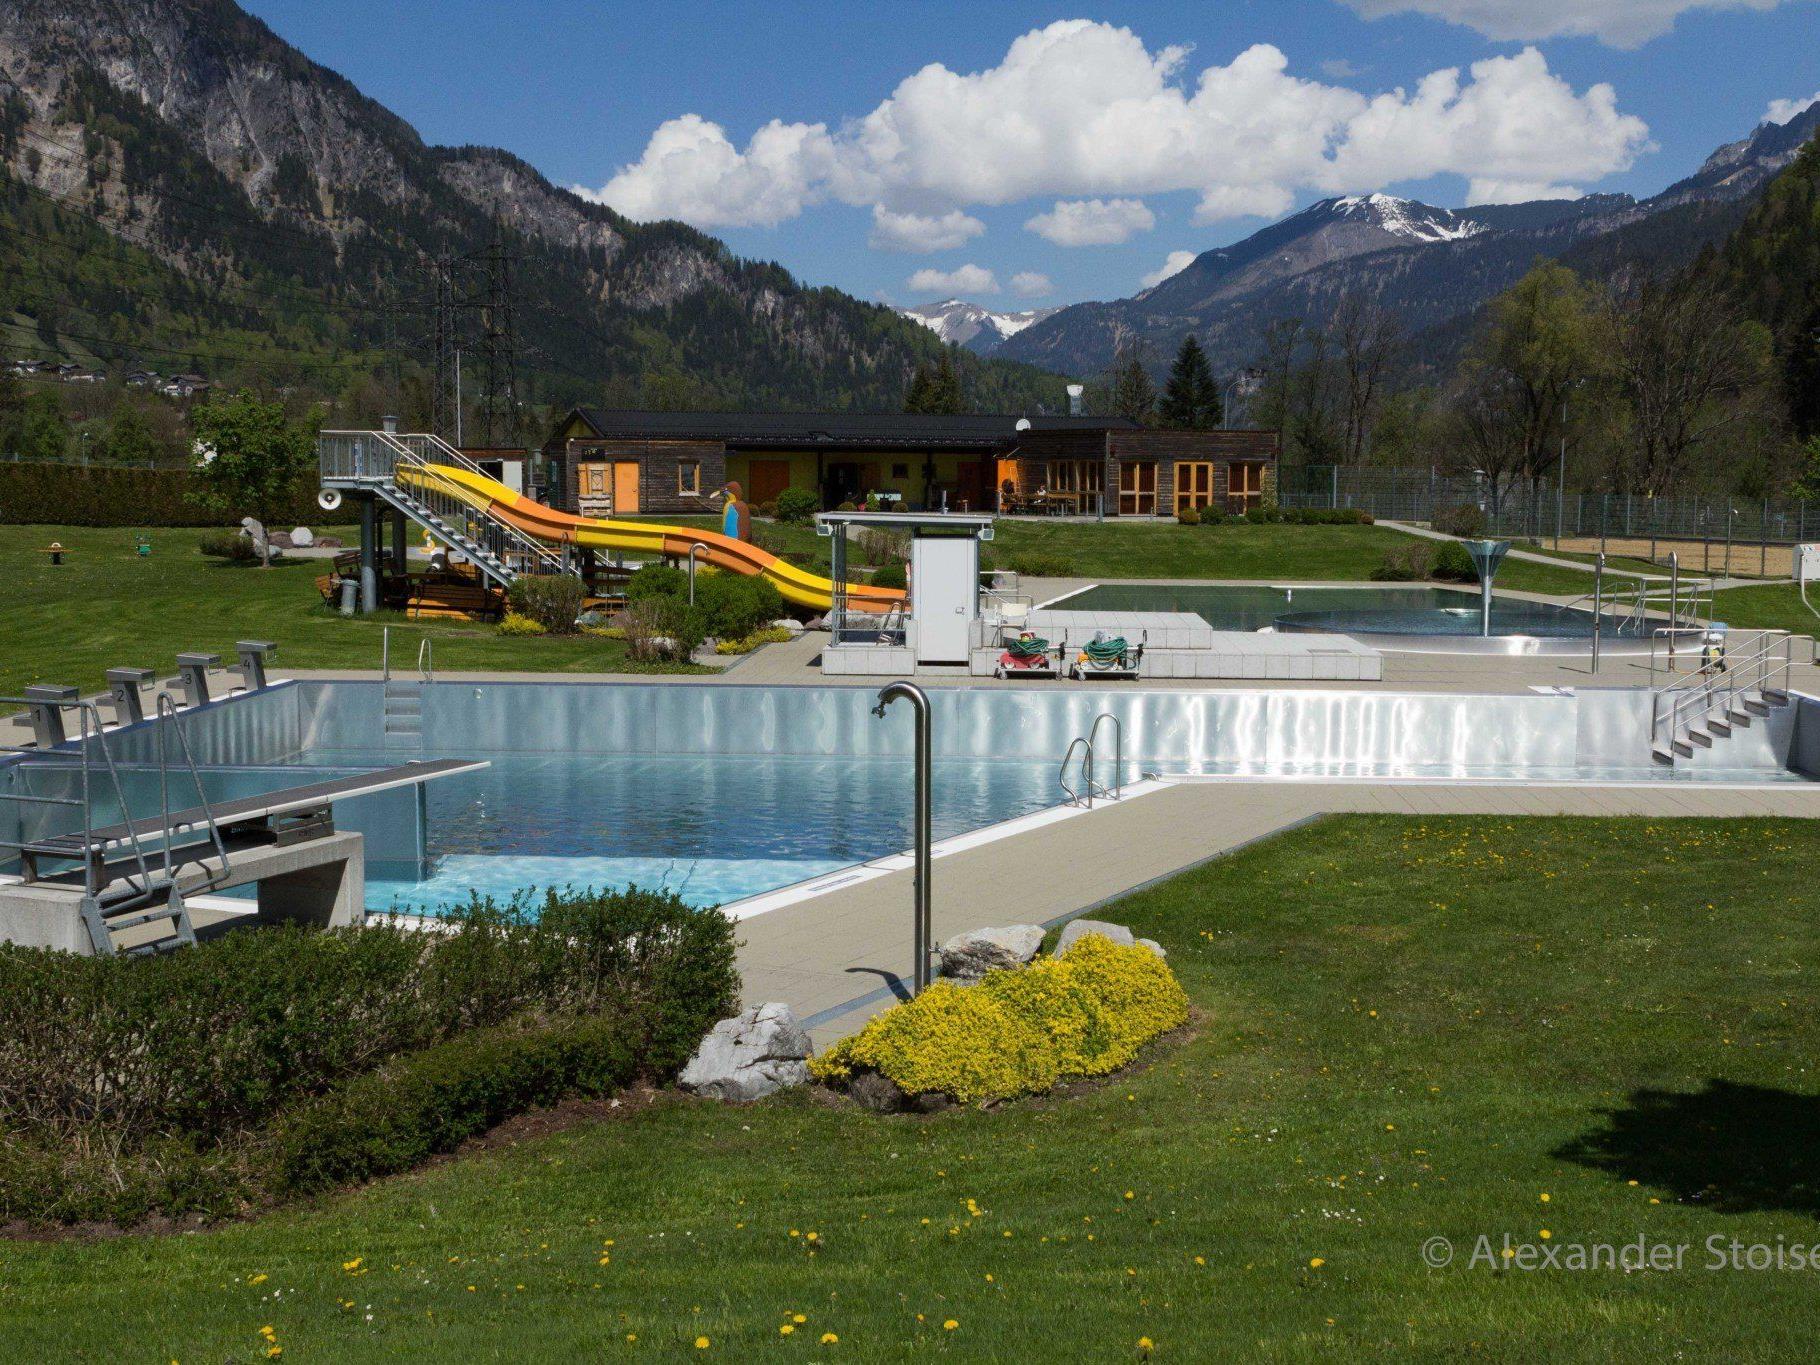 Holen Sie sich jetzt eine vergünstigte Saisonkarte für das Schwimmbad Vandans.